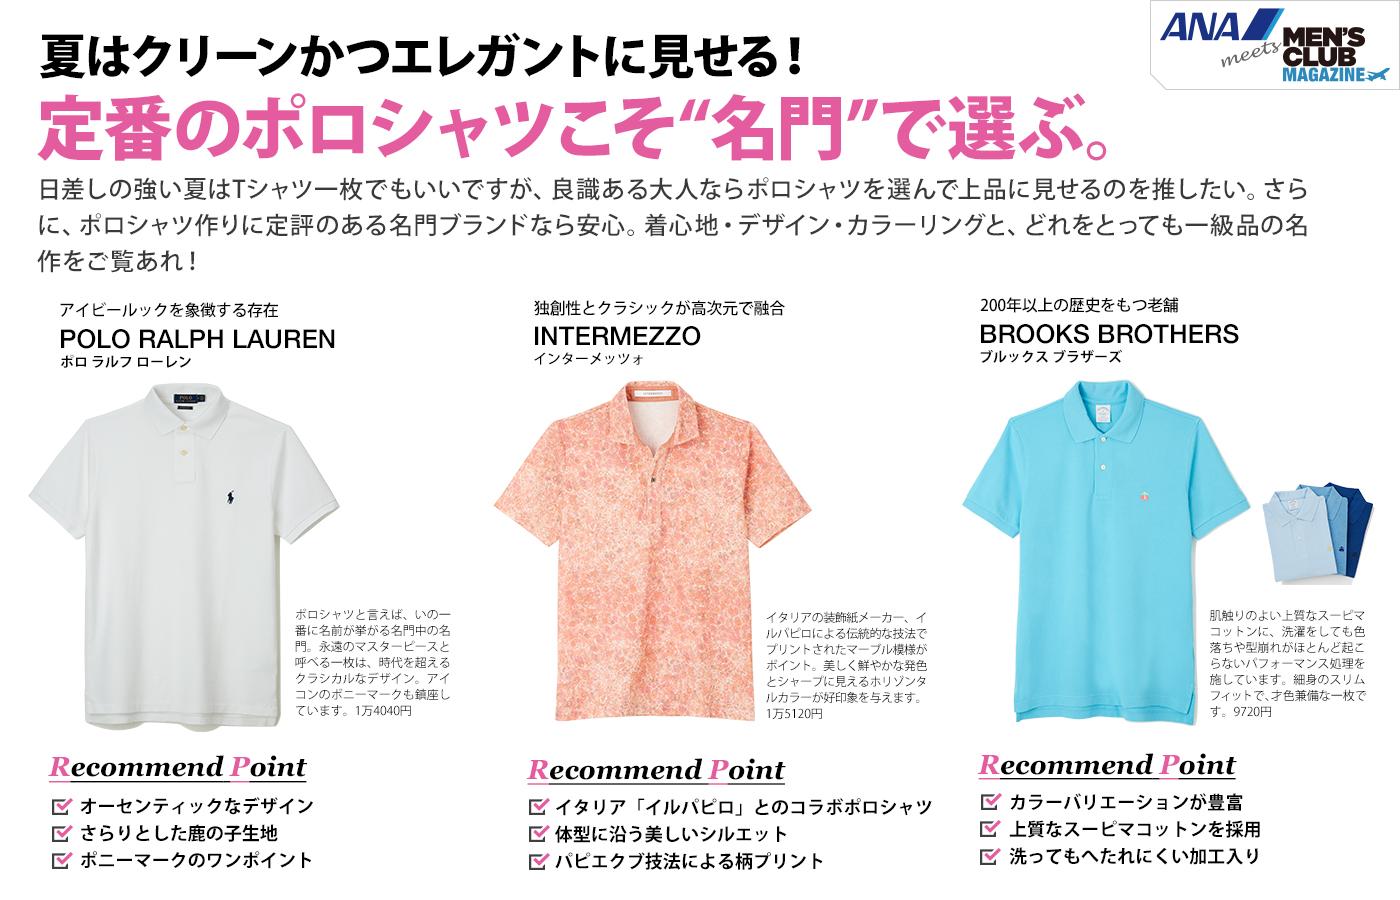 名門ブランドのポロシャツをピックアップ!